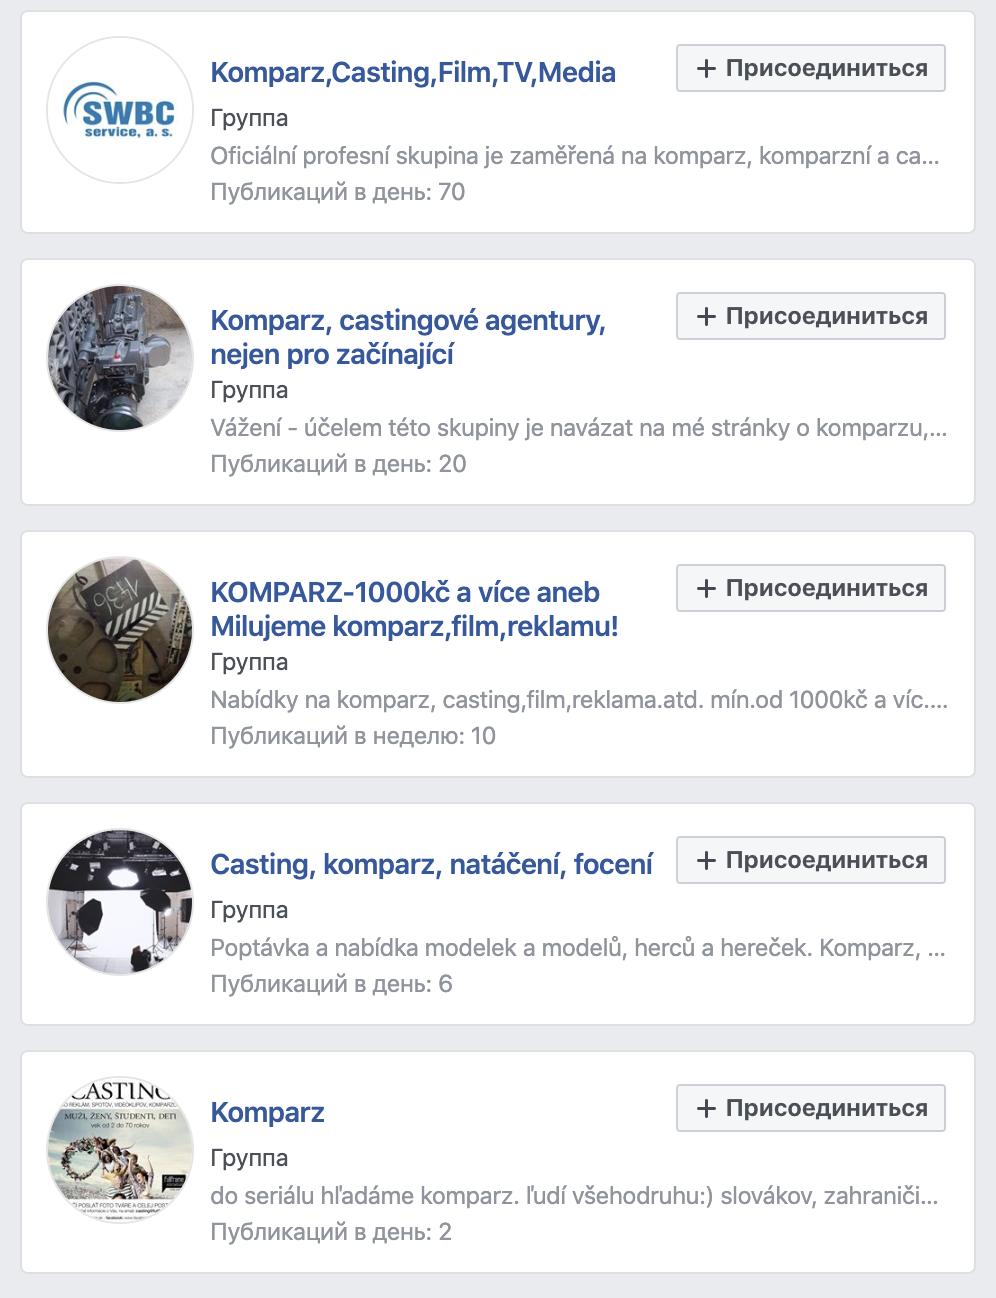 Если забить в поиск на Фейсбуке «komparz praha», находится десяток специализированных групп